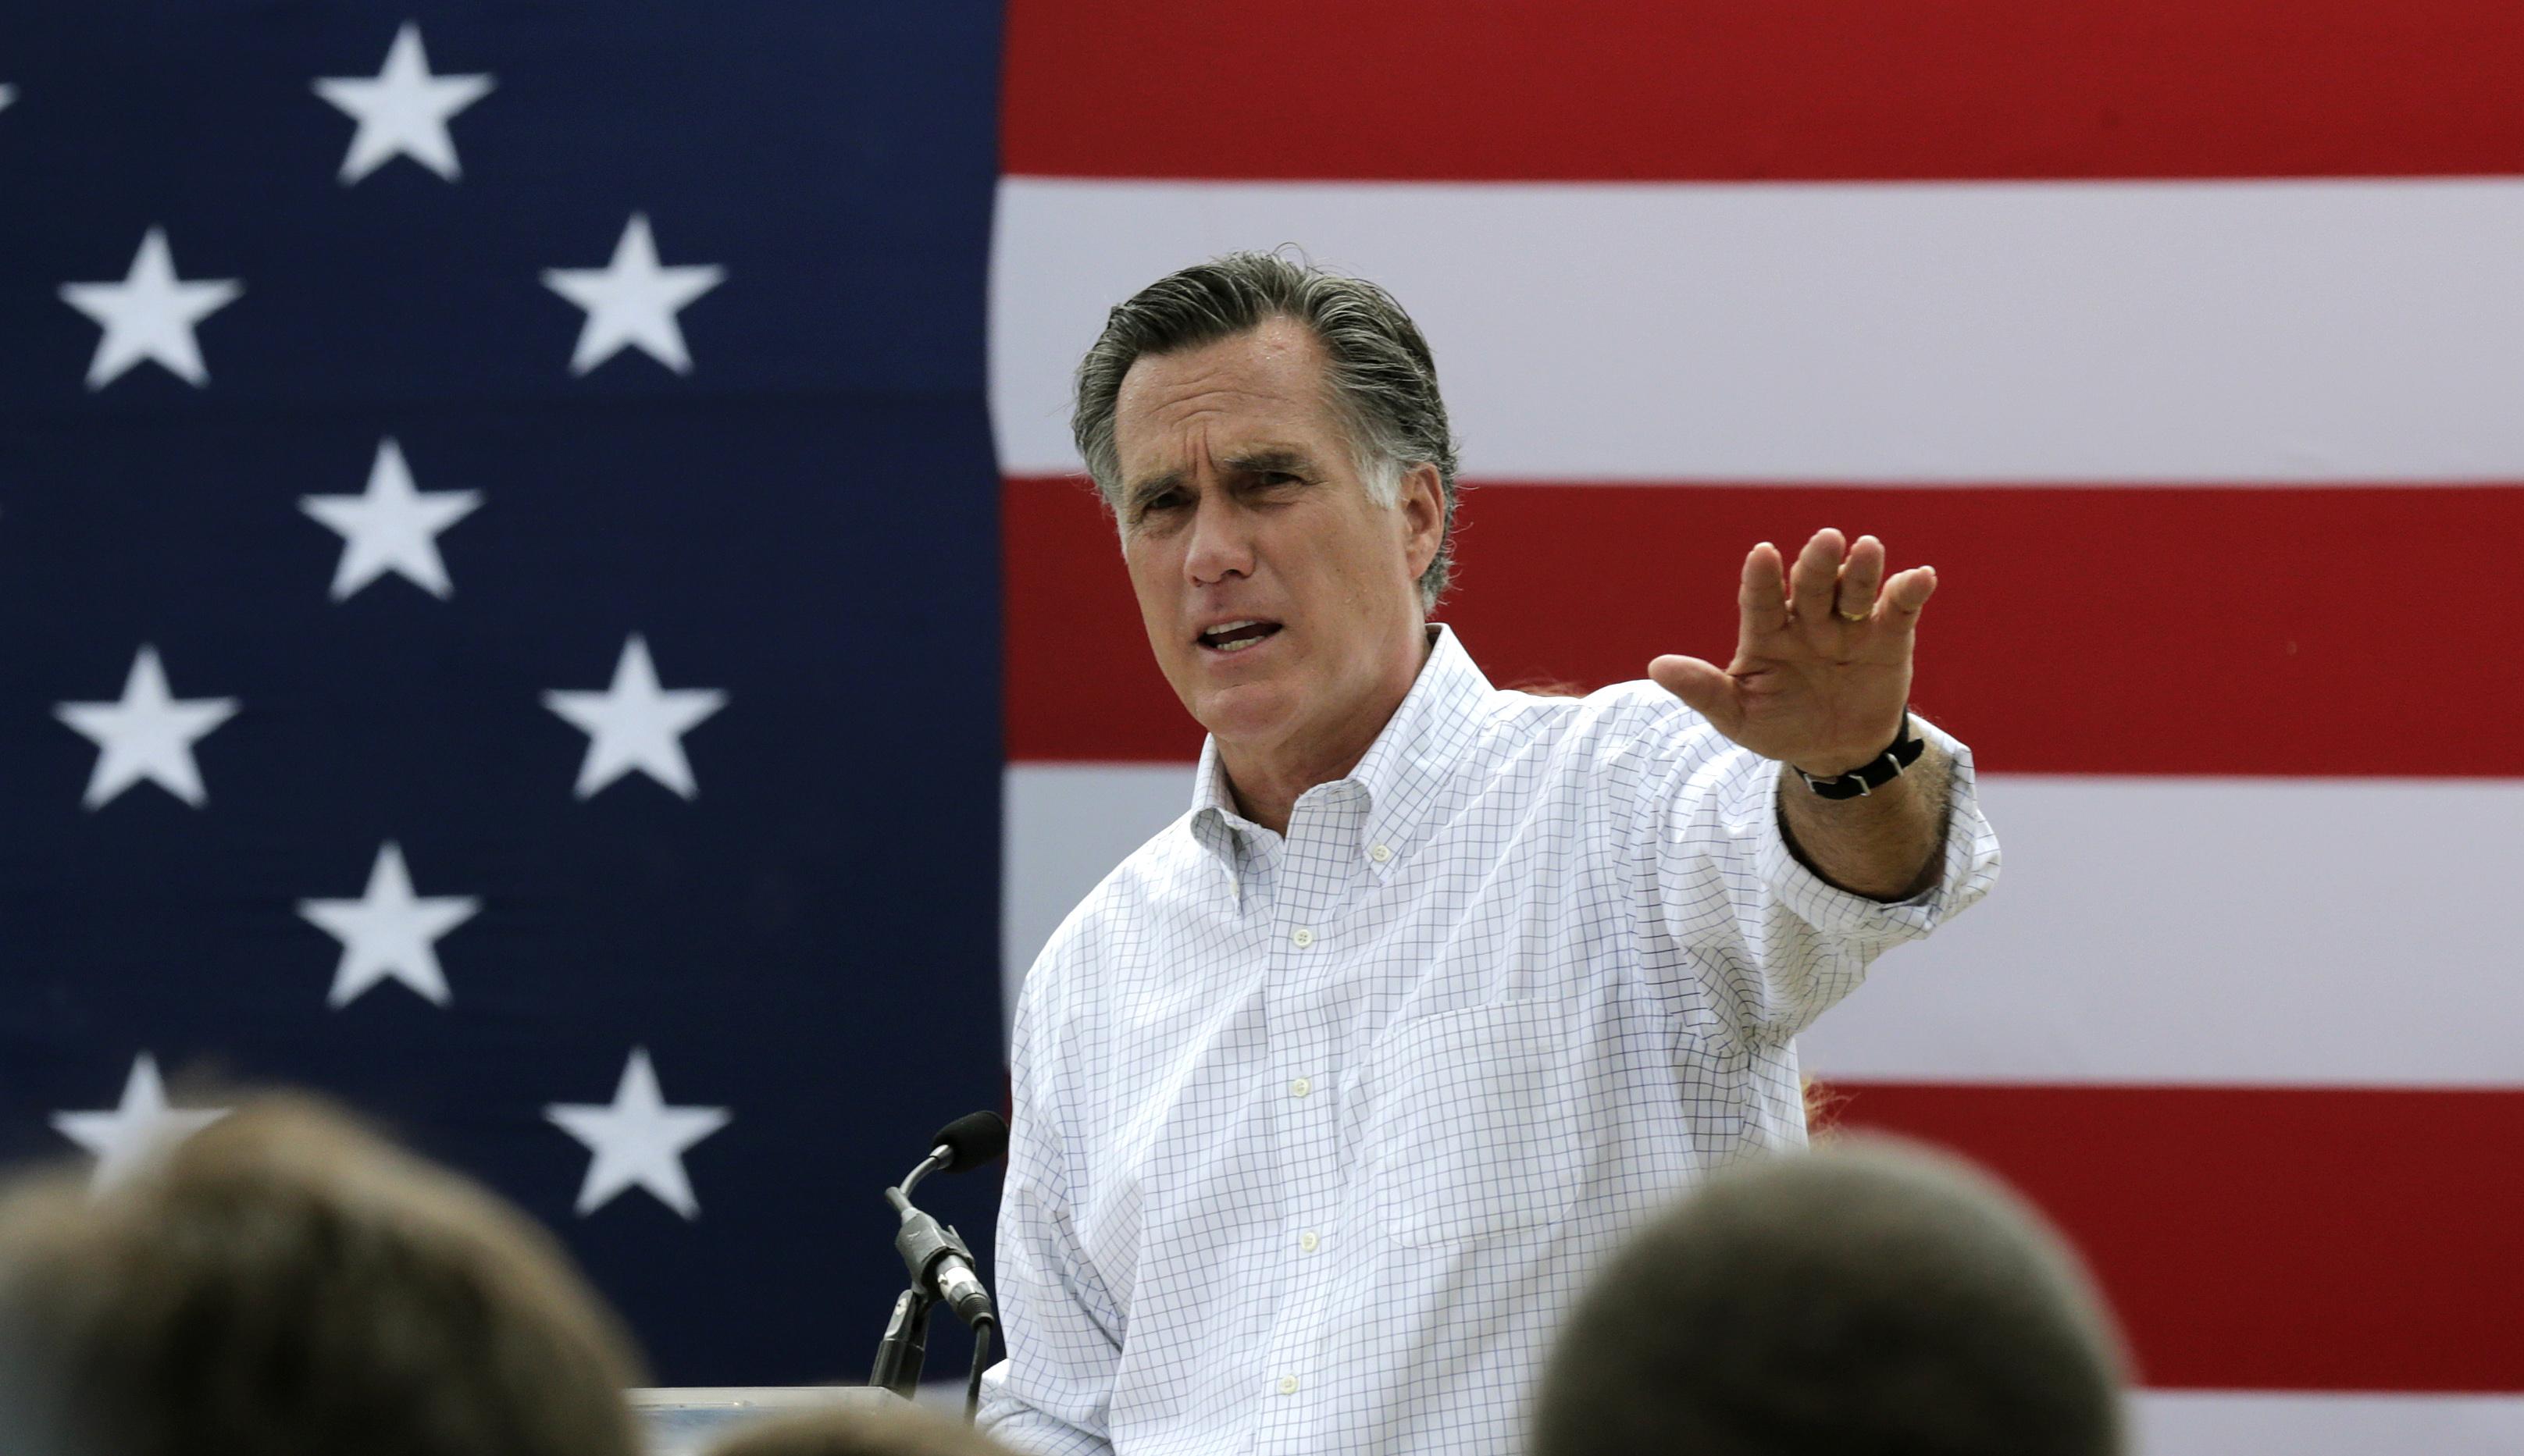 Walker, Paul Leads in Iowa Poll